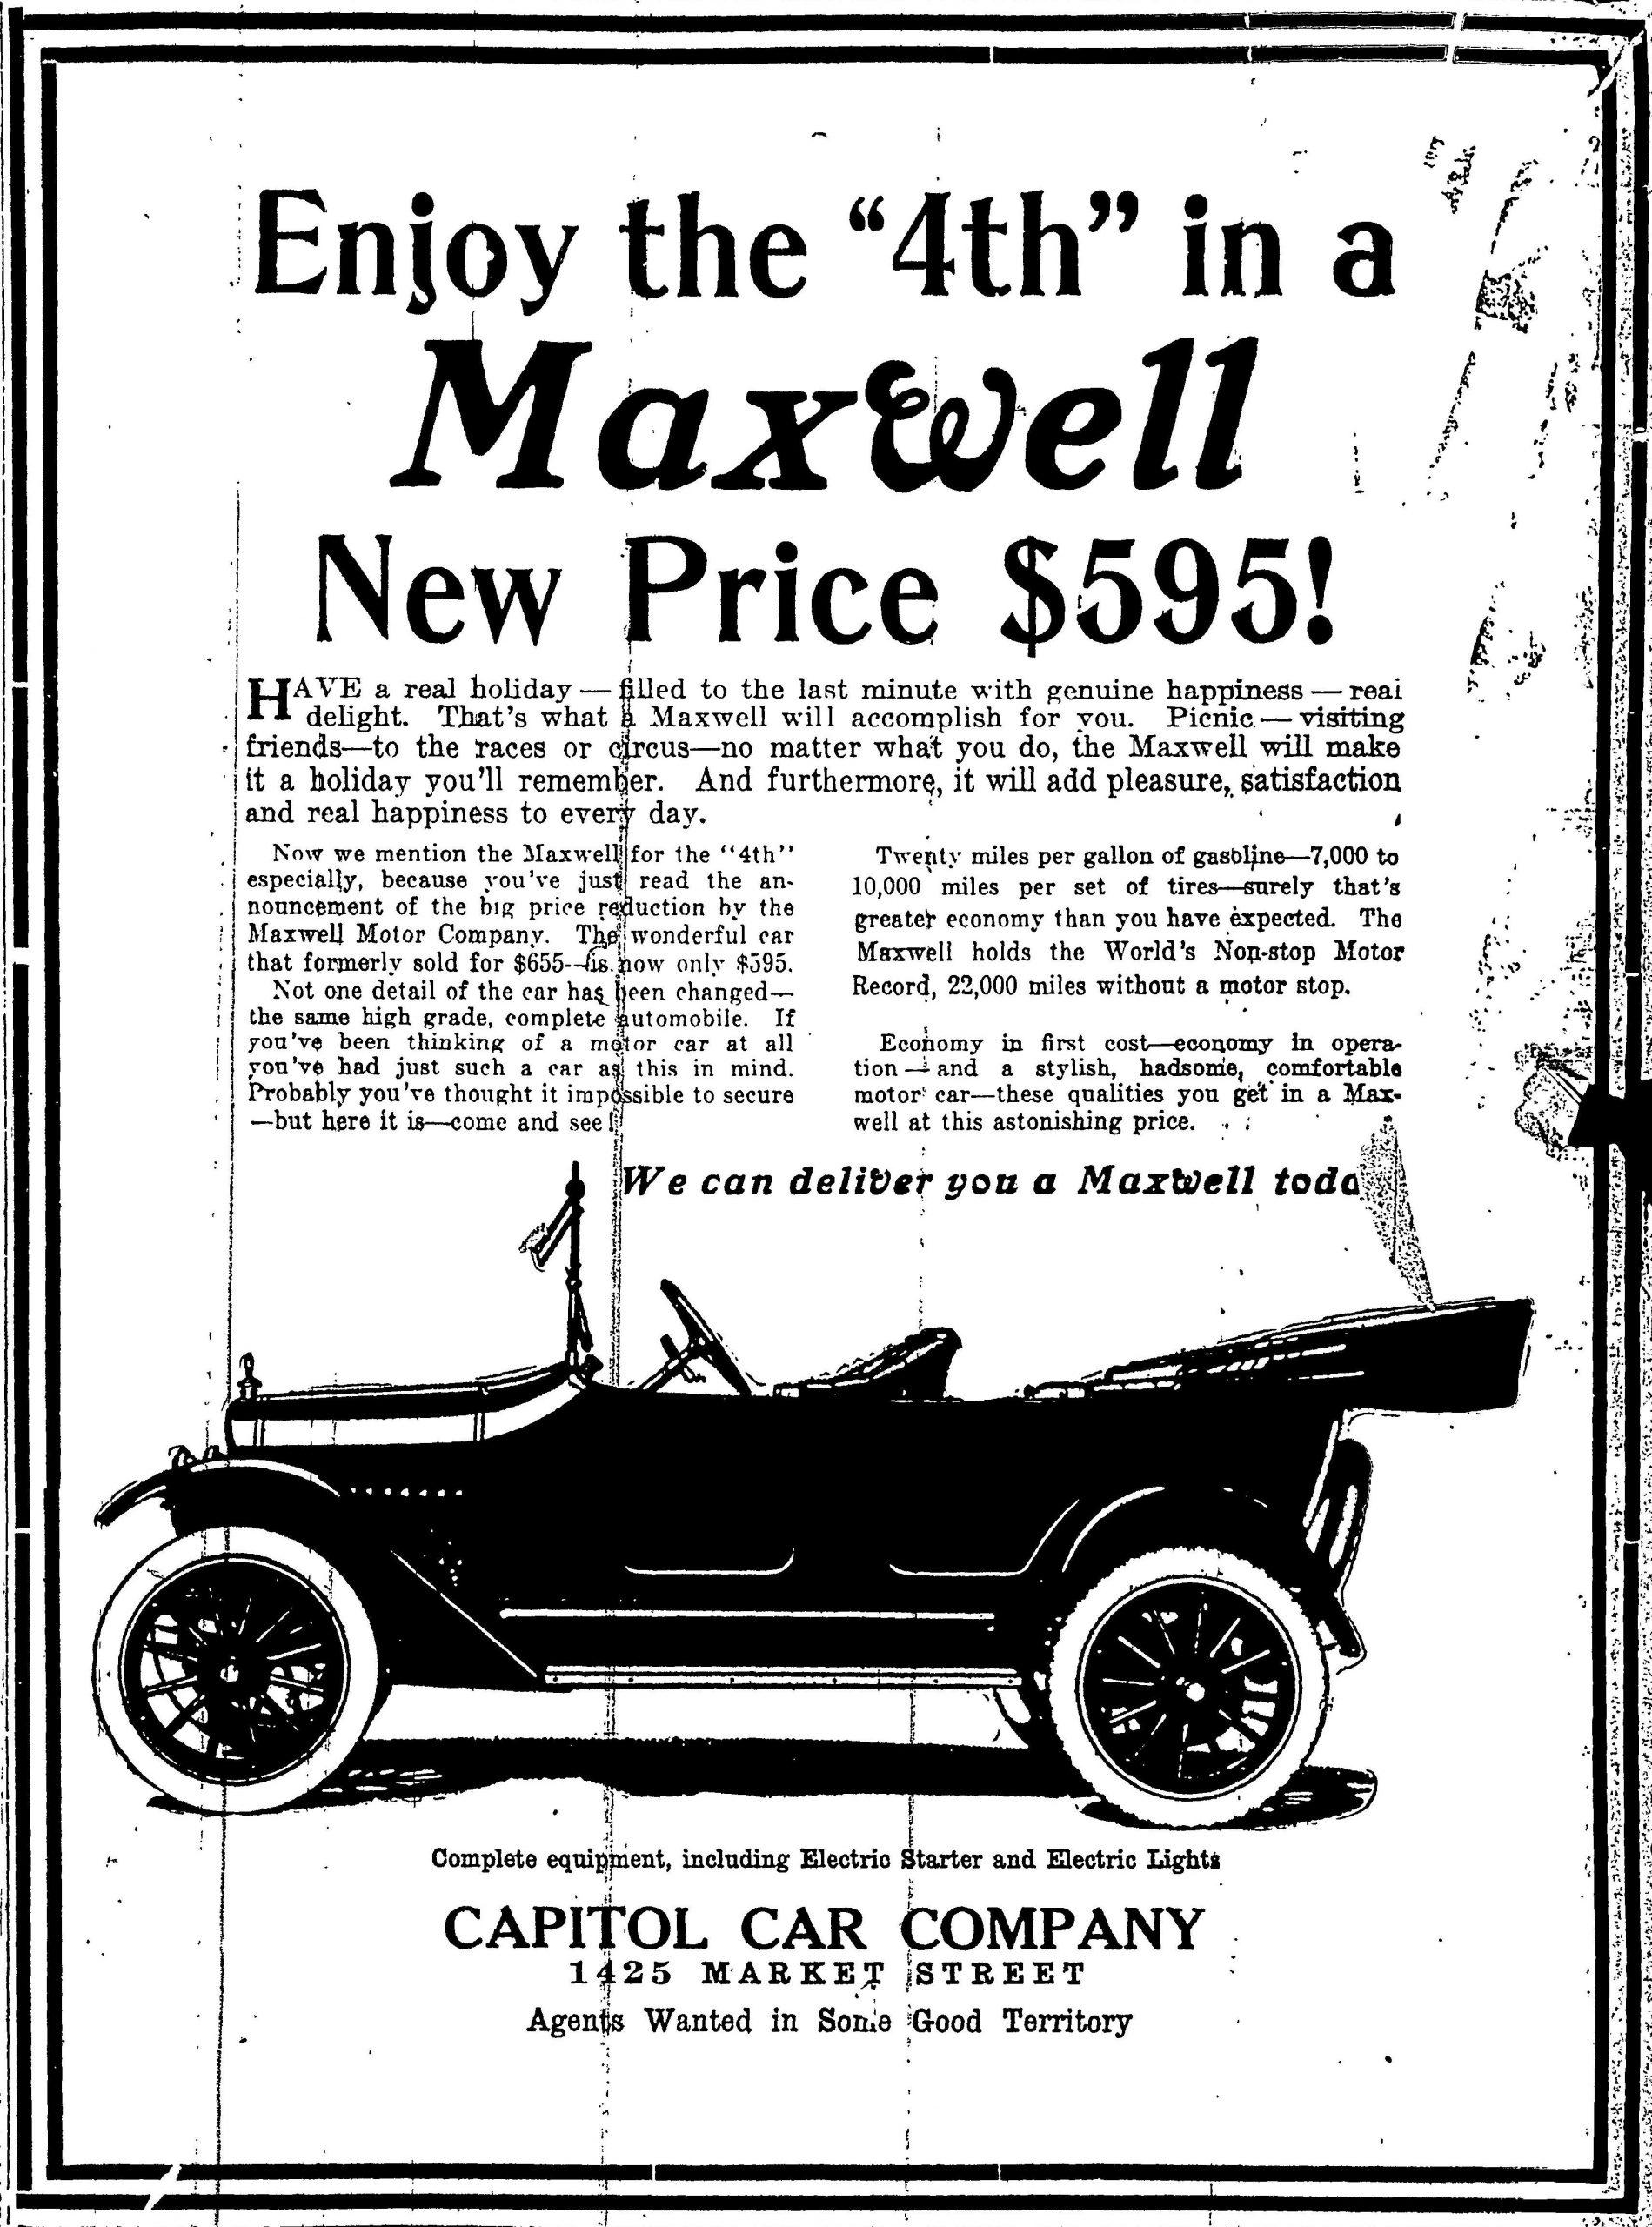 Capitol Car Company